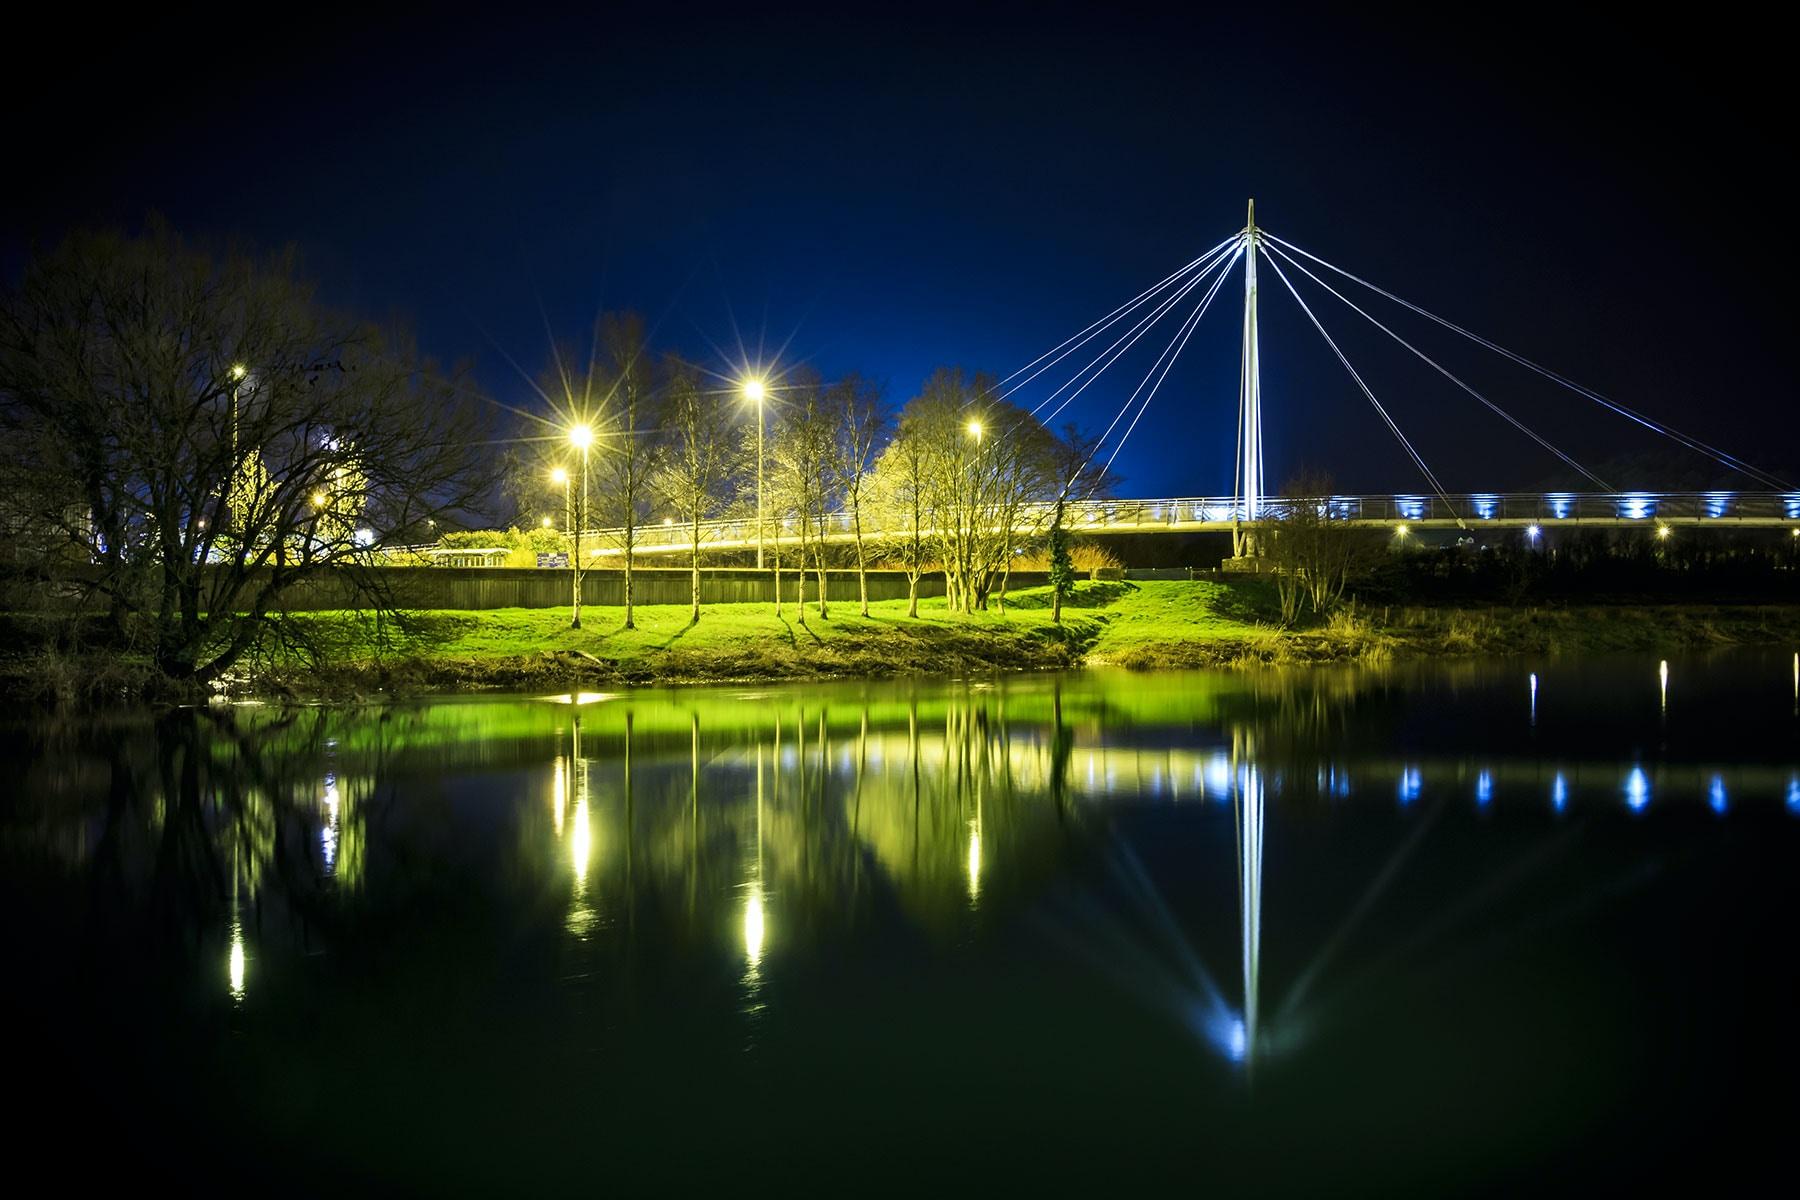 Rama 8 bridge